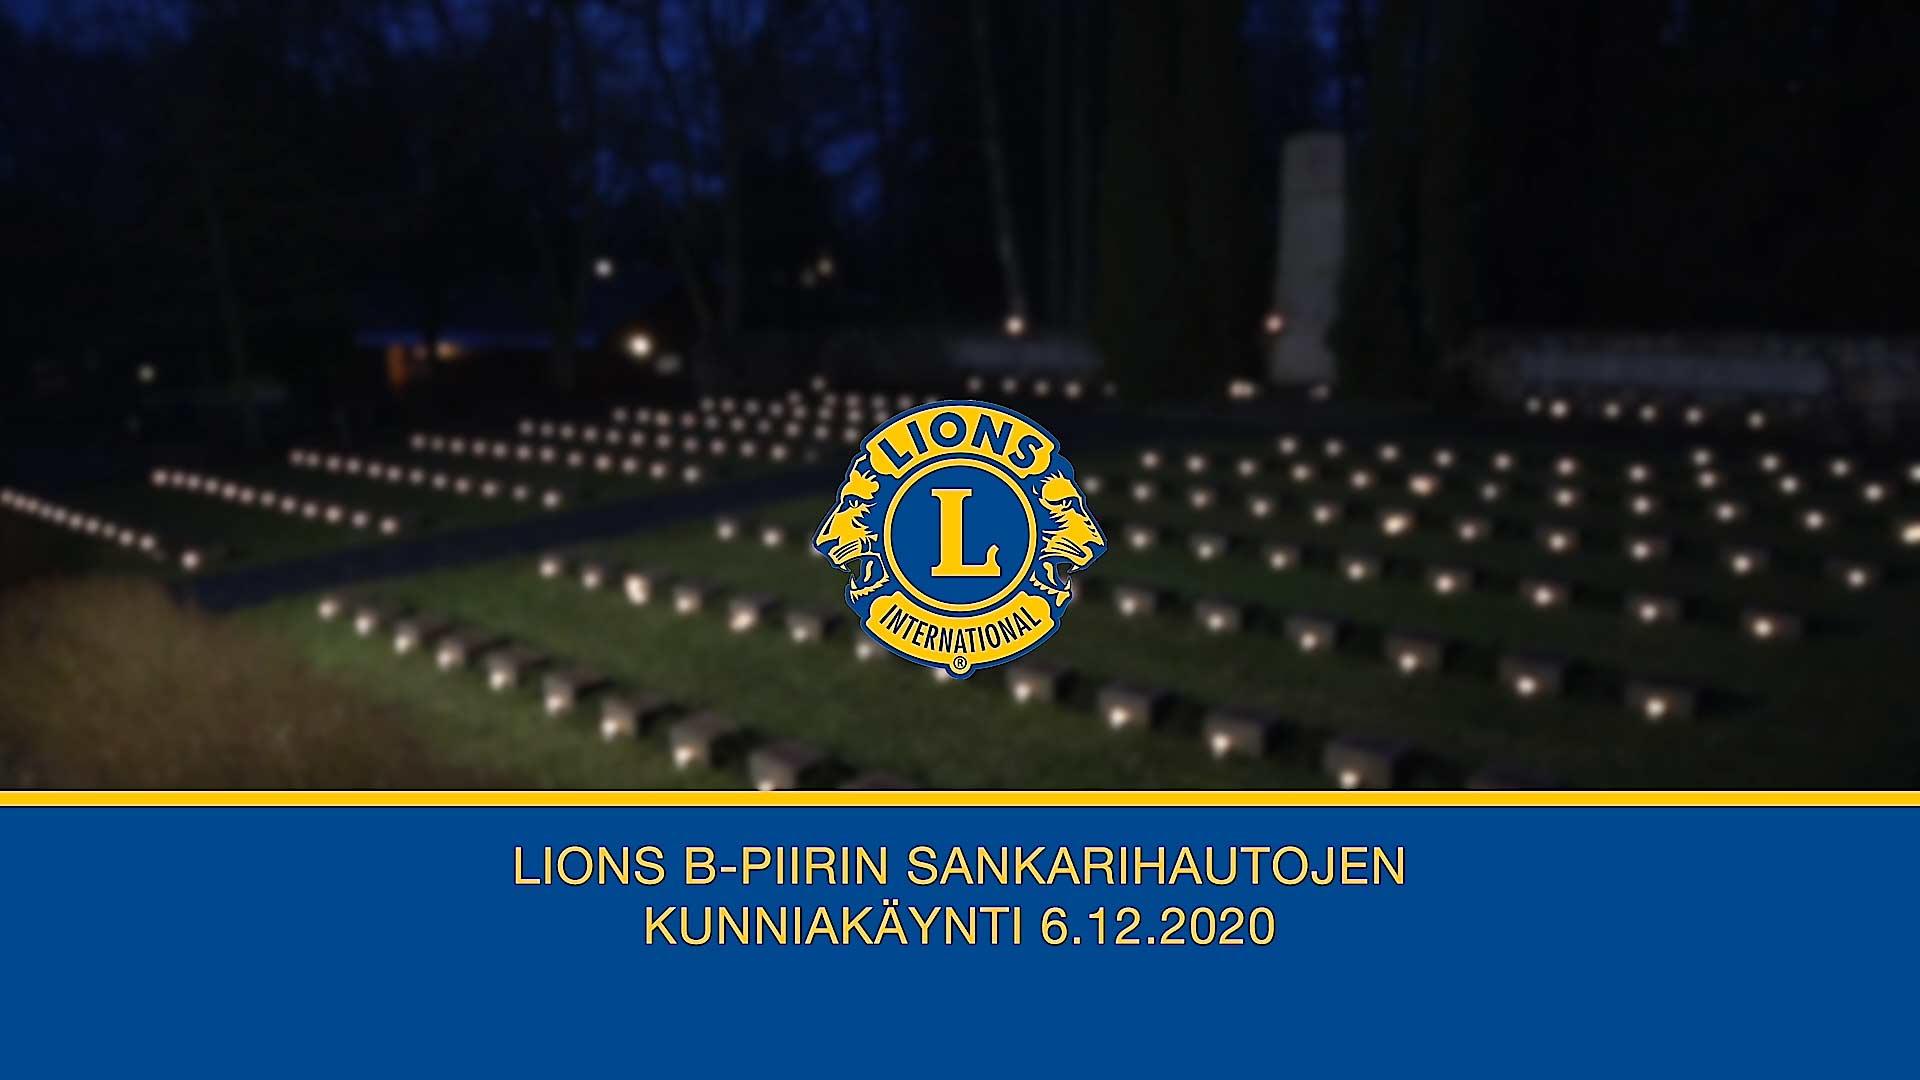 Video: Itsenäisyyspäivän kunniakäynti Espoon tuomiokirkon sankarihaudoille